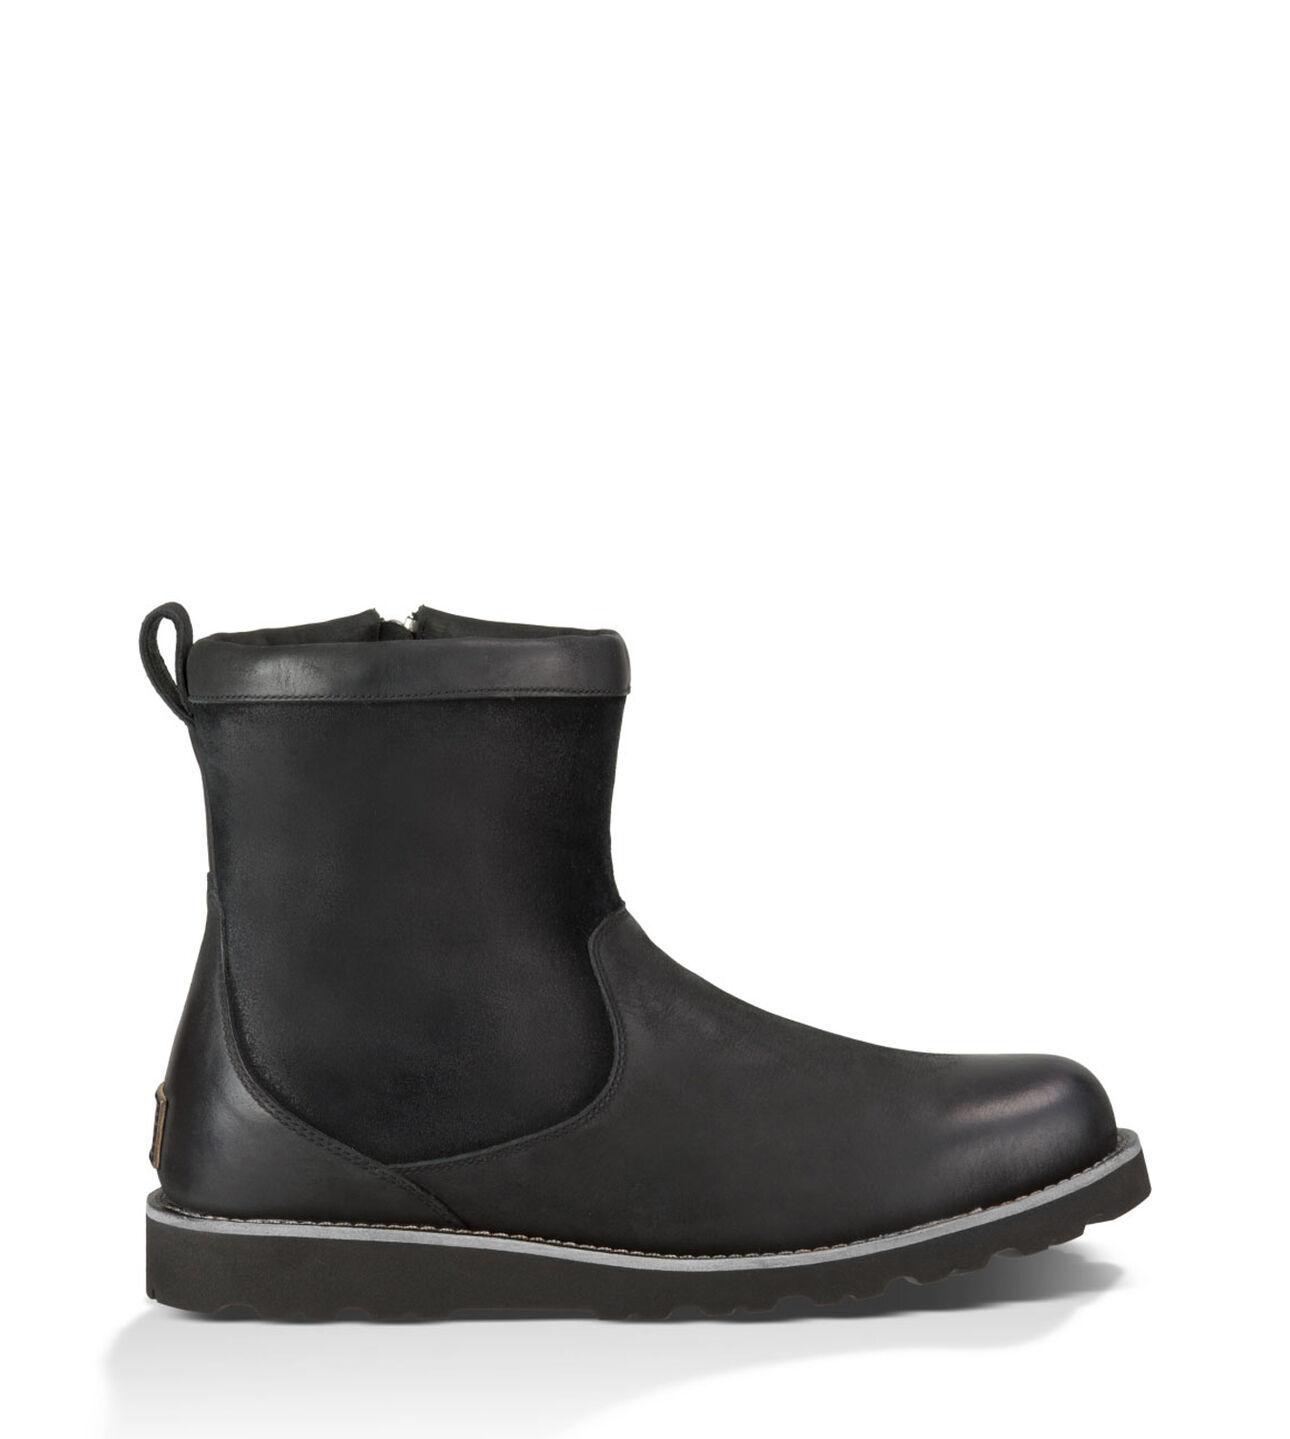 933cc967399 Hendren TL Boot